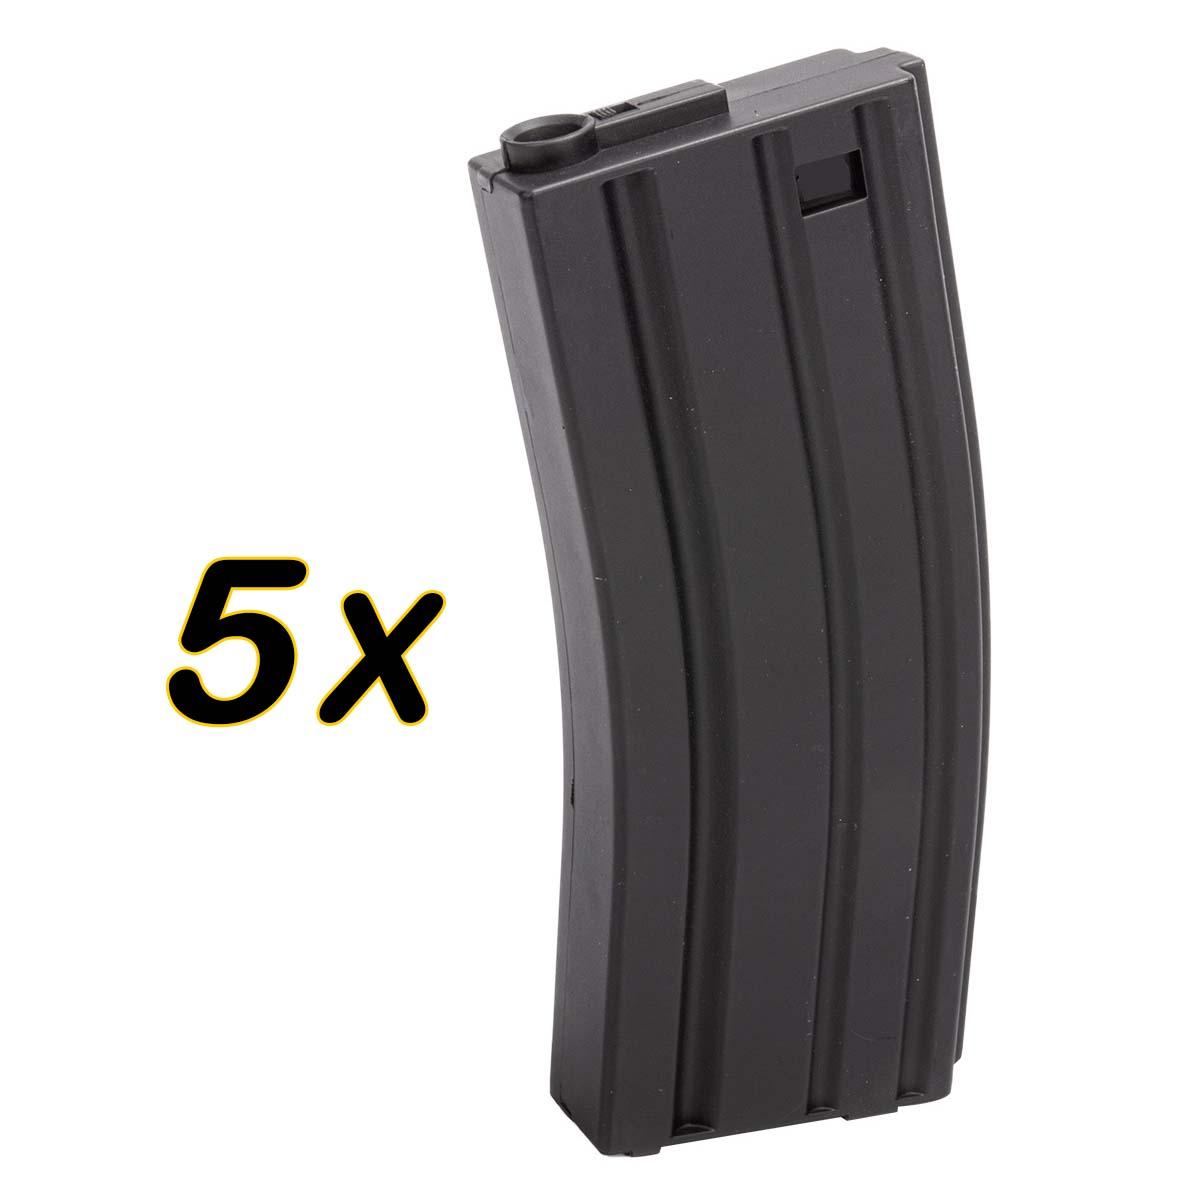 Caixa com 5 Magazines Midcap para M4/M16 em Polimero de 100 BBs - Rossi